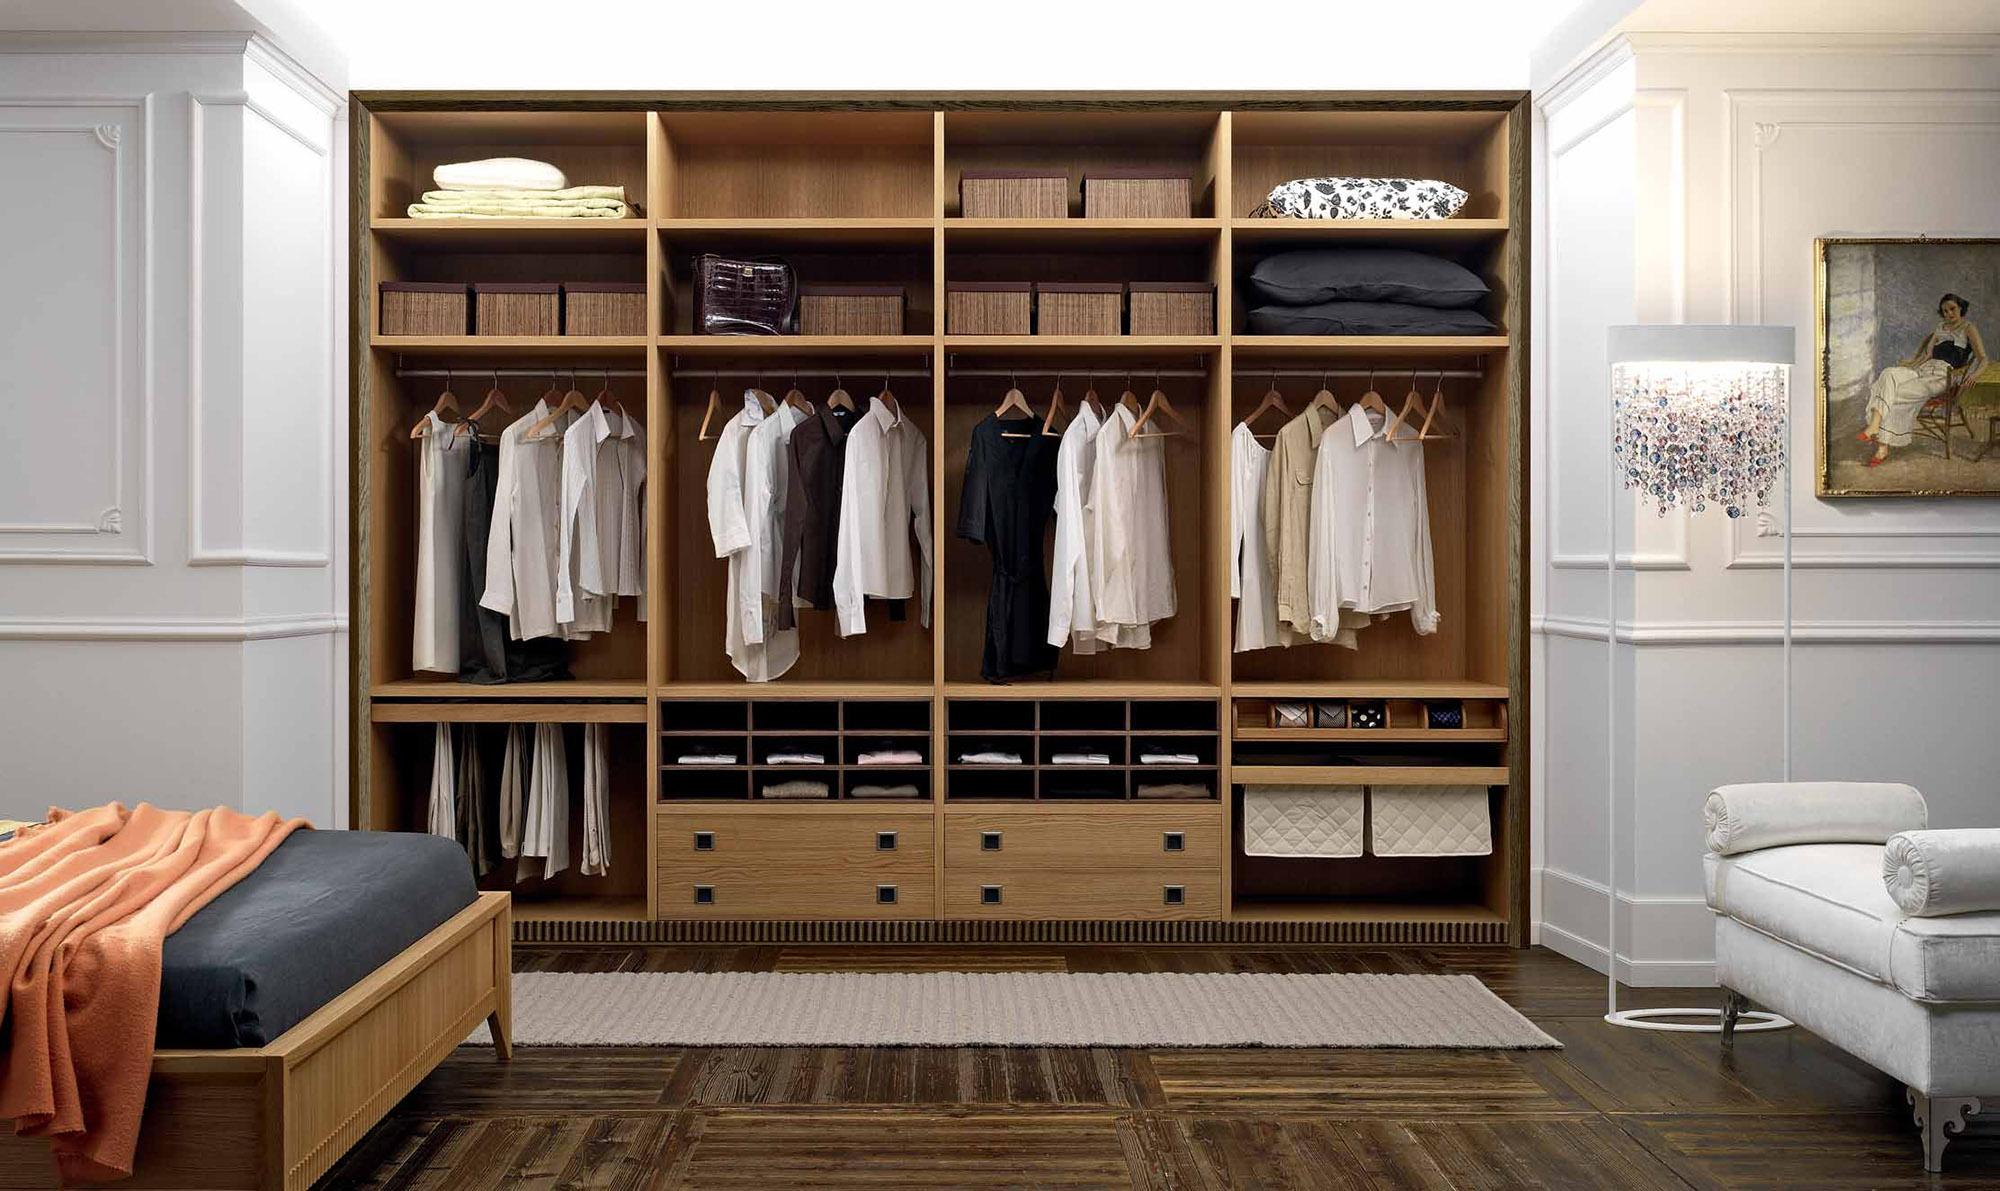 Вариант организации встроенного шкафа